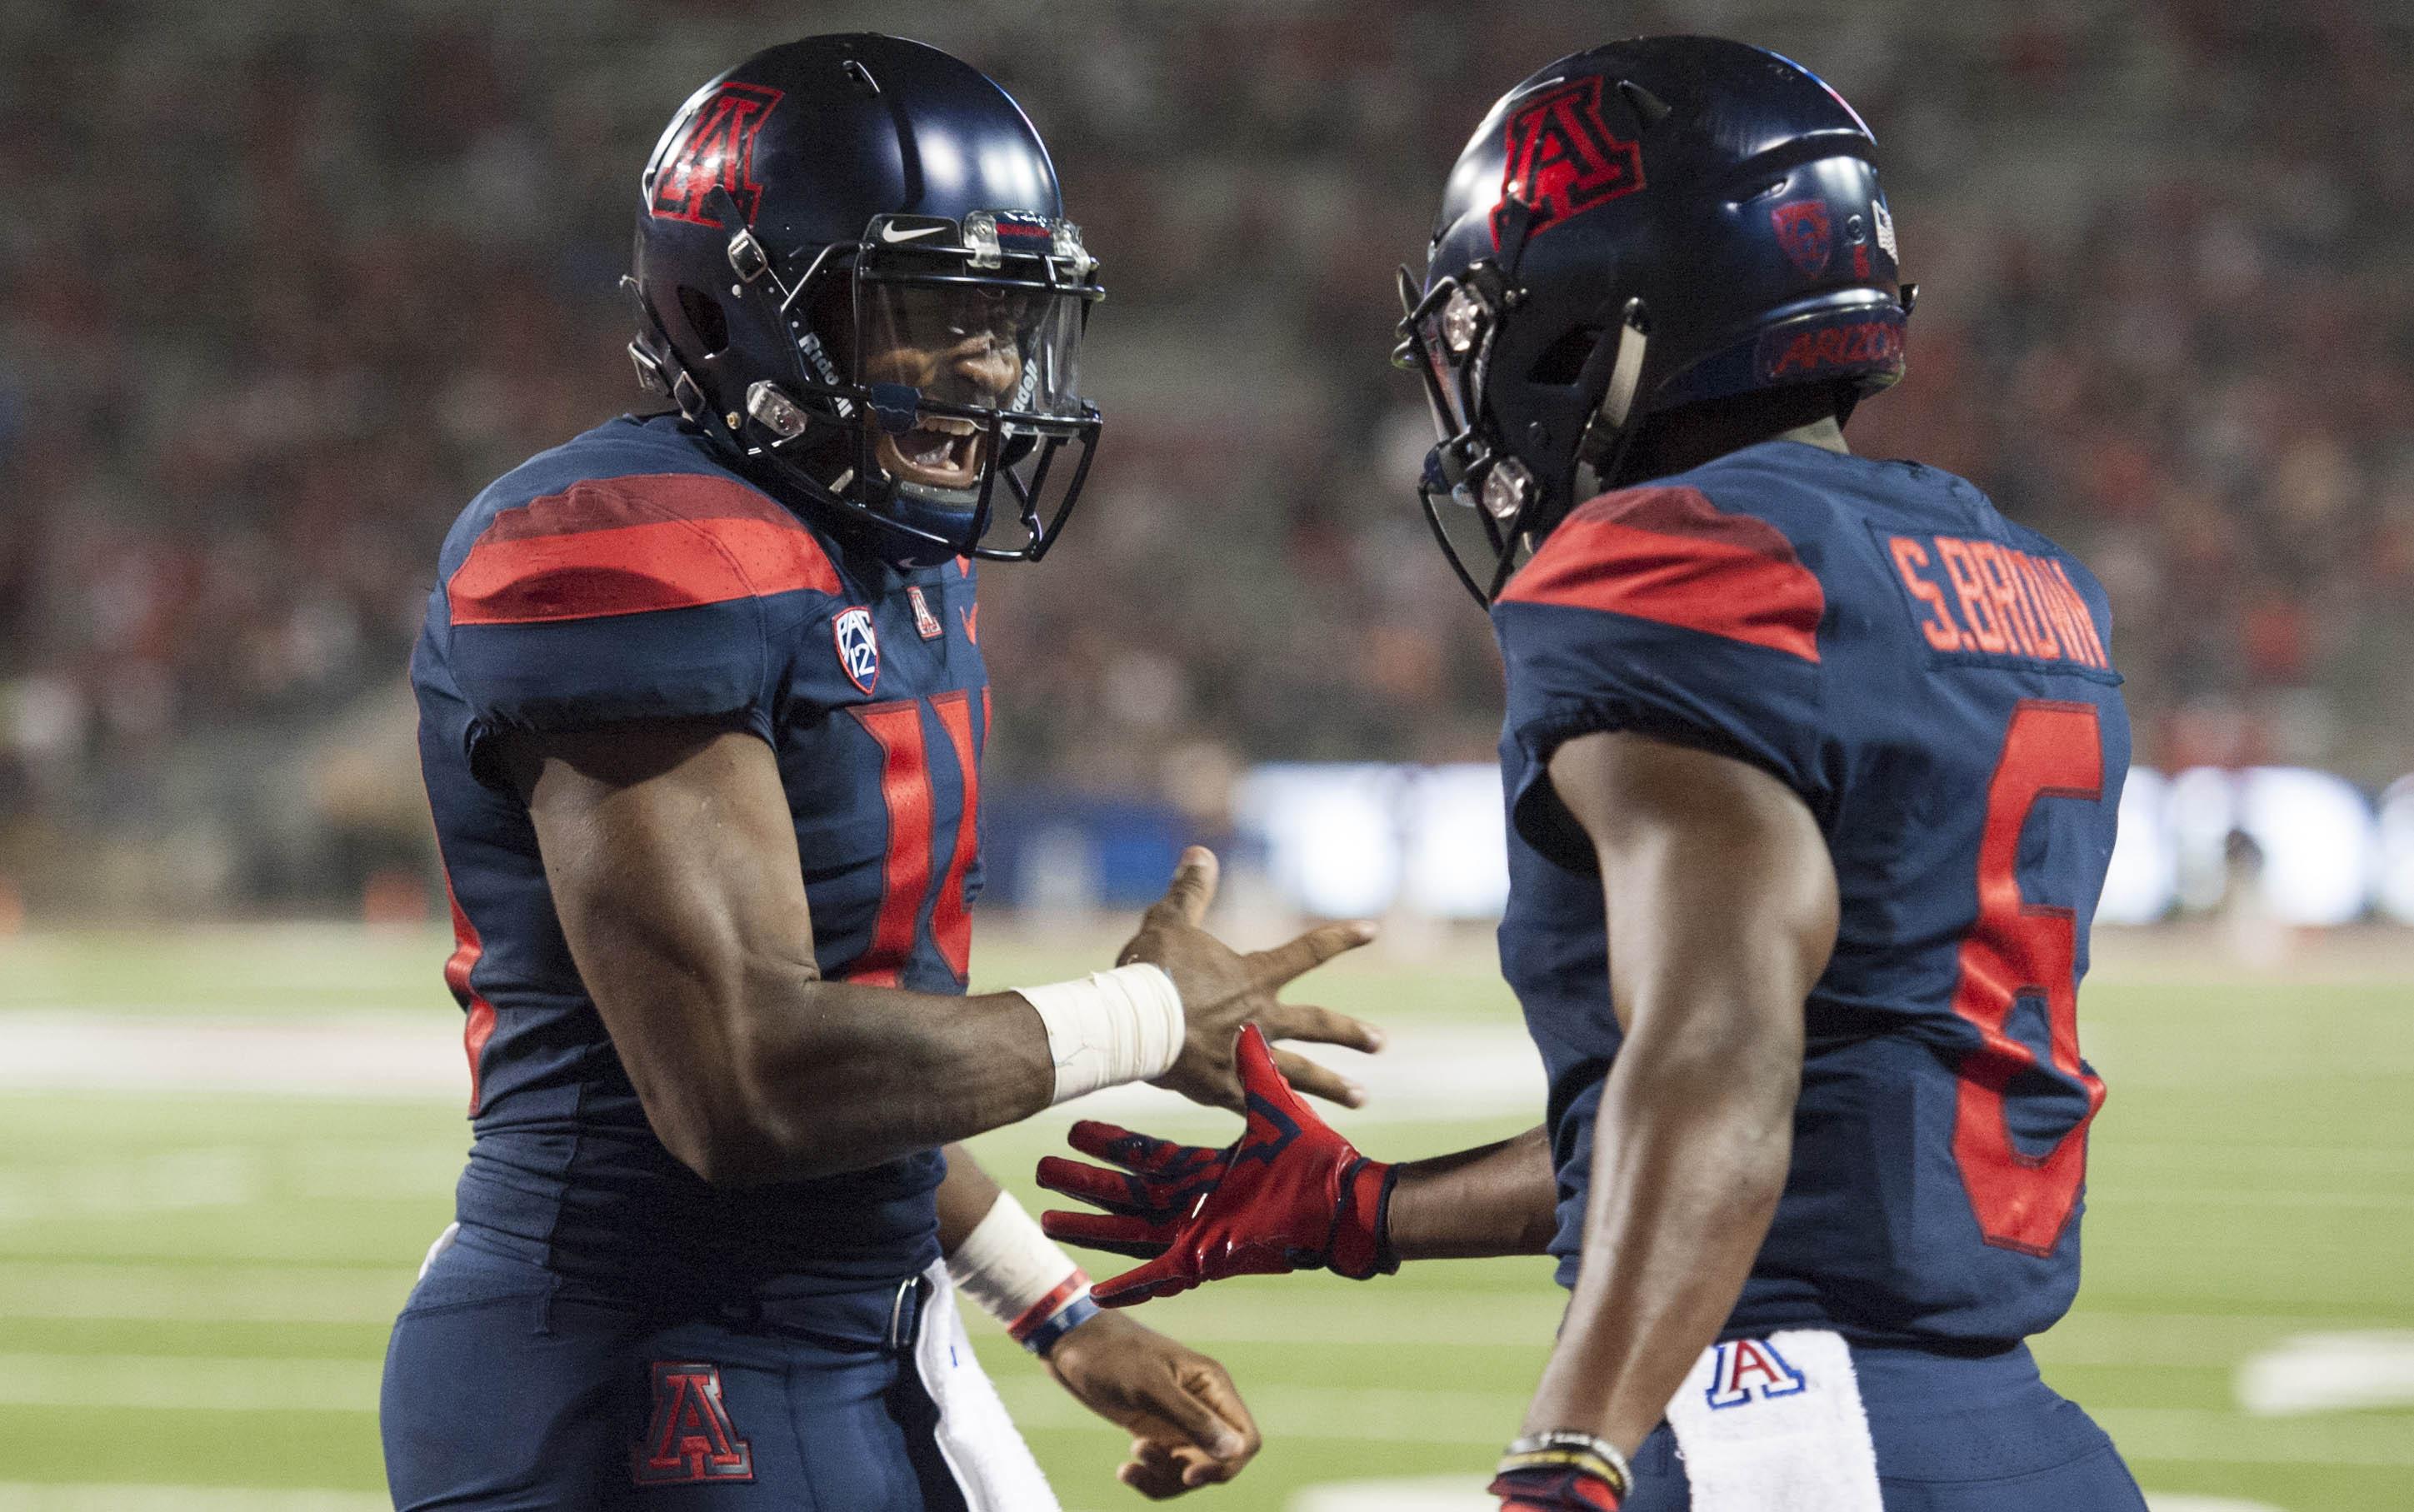 NCAA Football: Southern Utah at Arizona